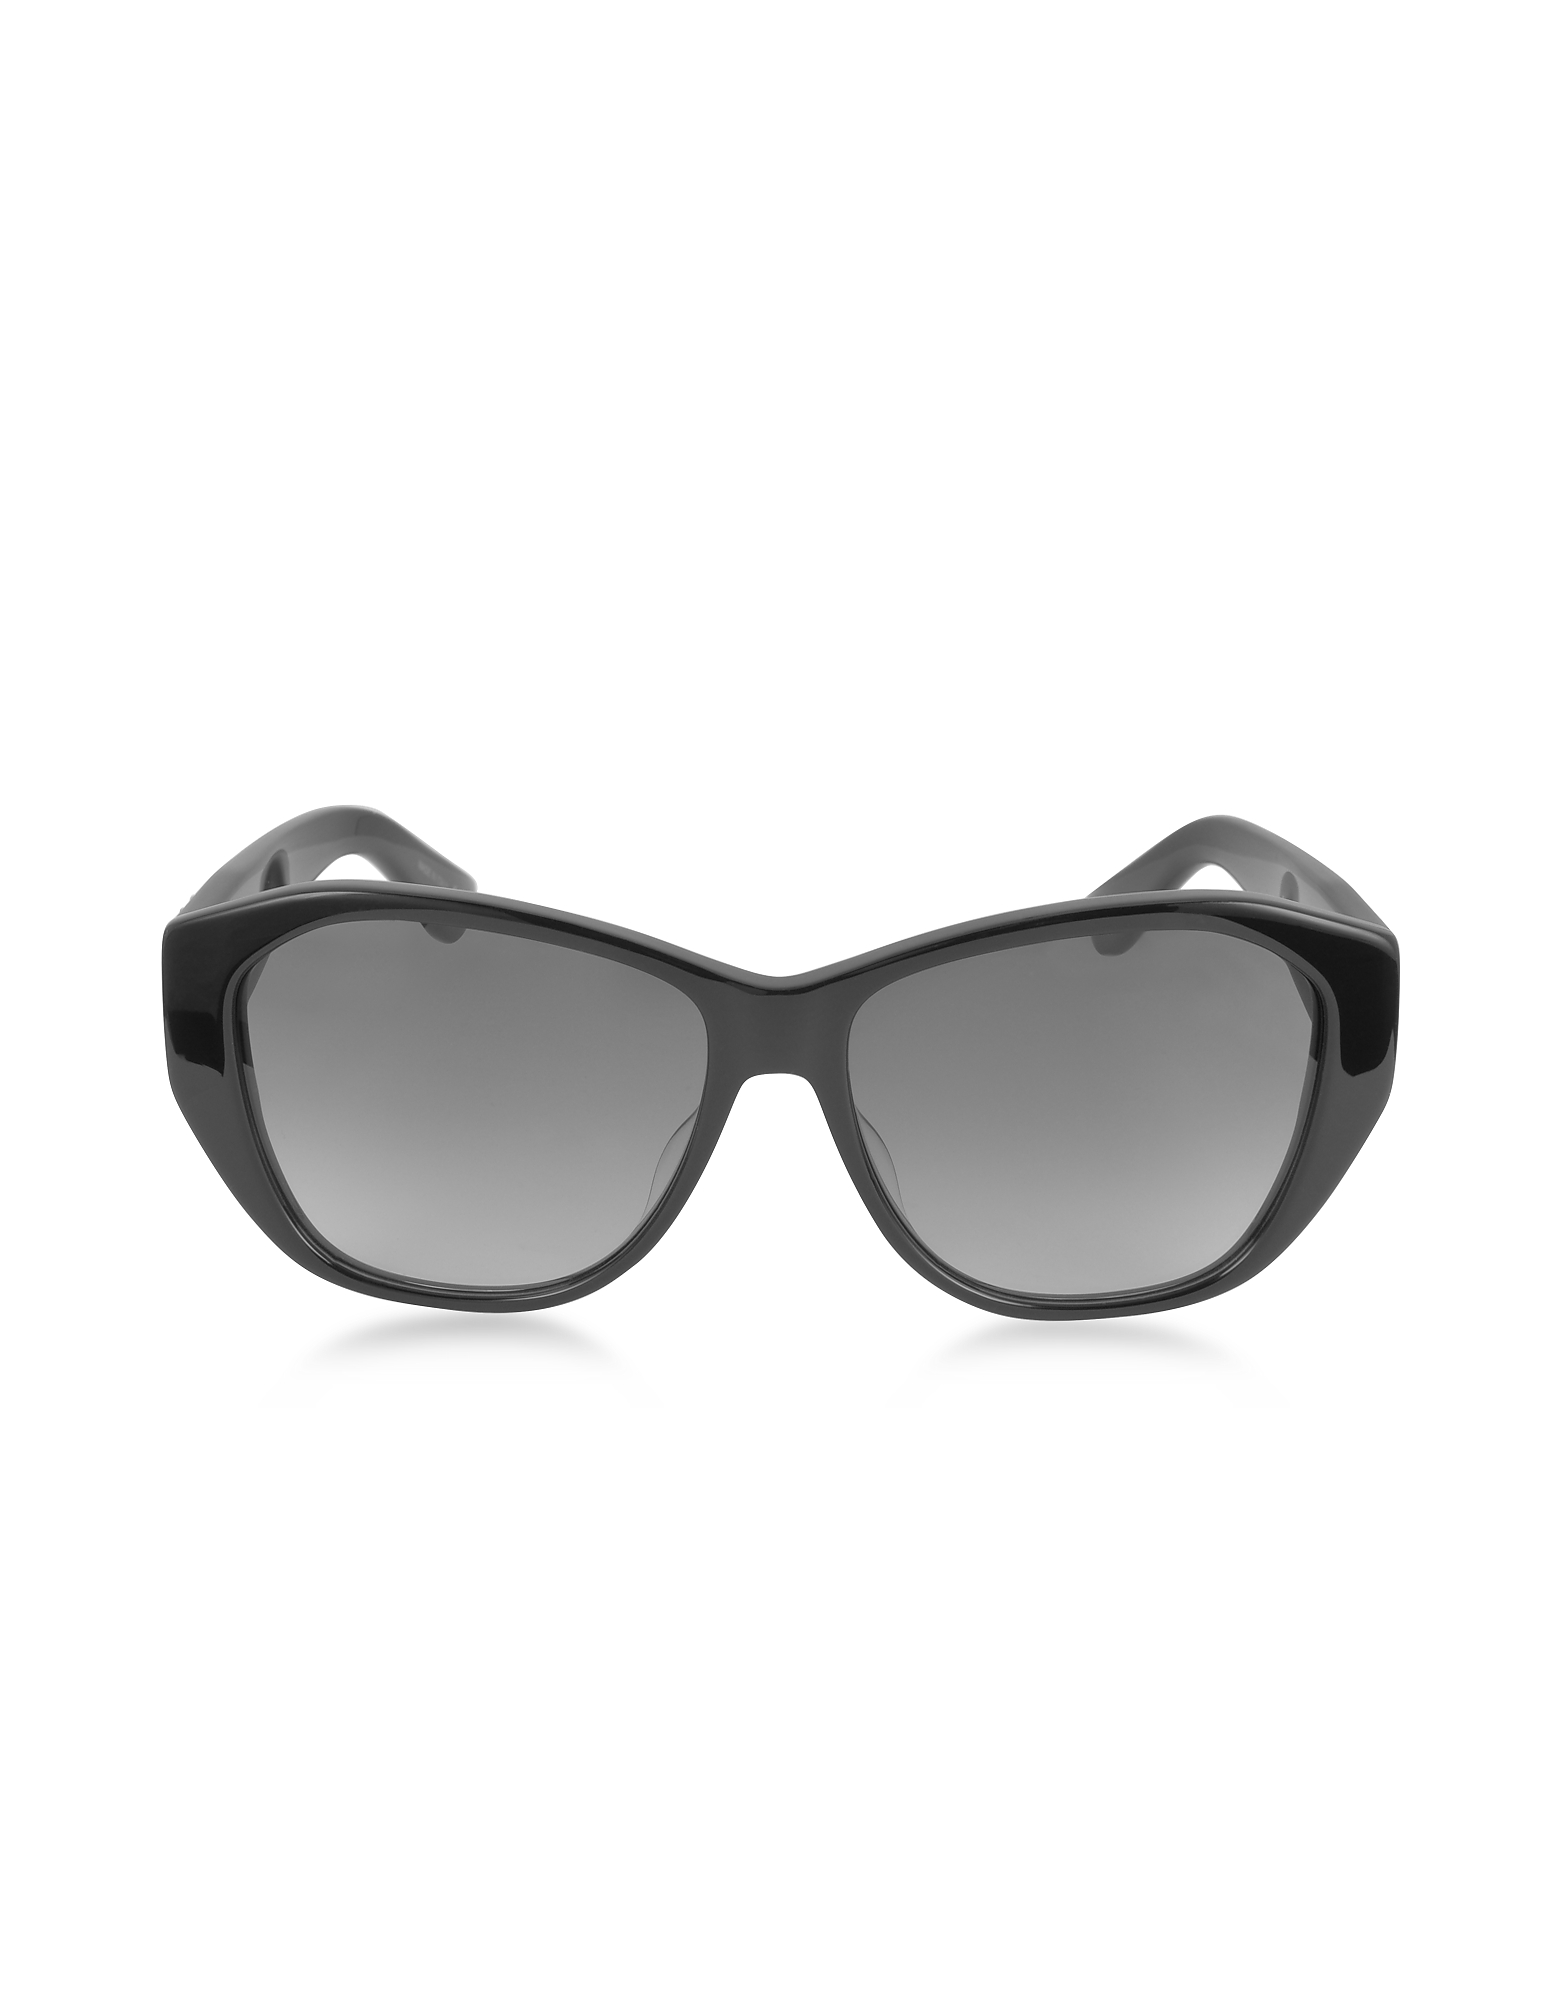 SL M8 001 - Большие Черные Женские Солнечные Очки в Овальной Оправе